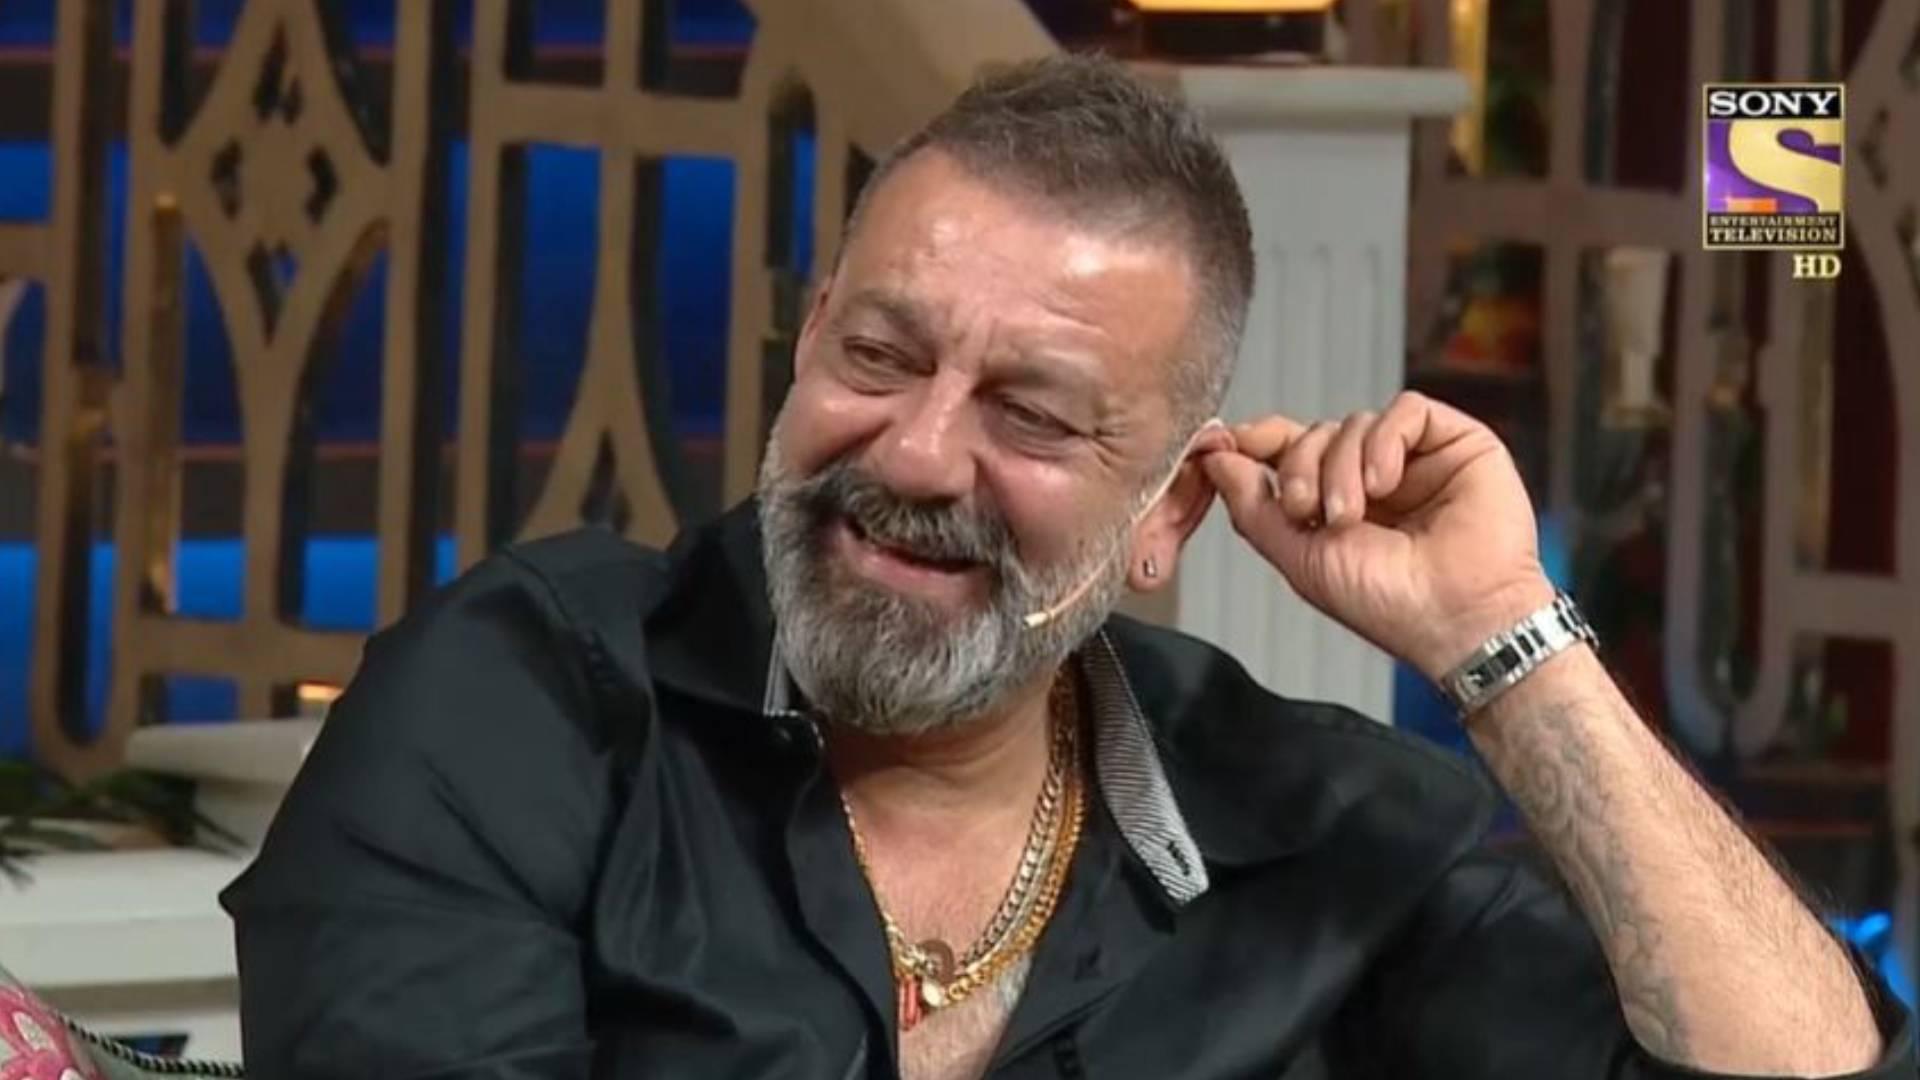 The Kapil Sharma Show: राजनीति में आने के सवाल पर जब संजय दत ने दिया ये जवाब, कपिल शर्मा सुन हुए हैरान